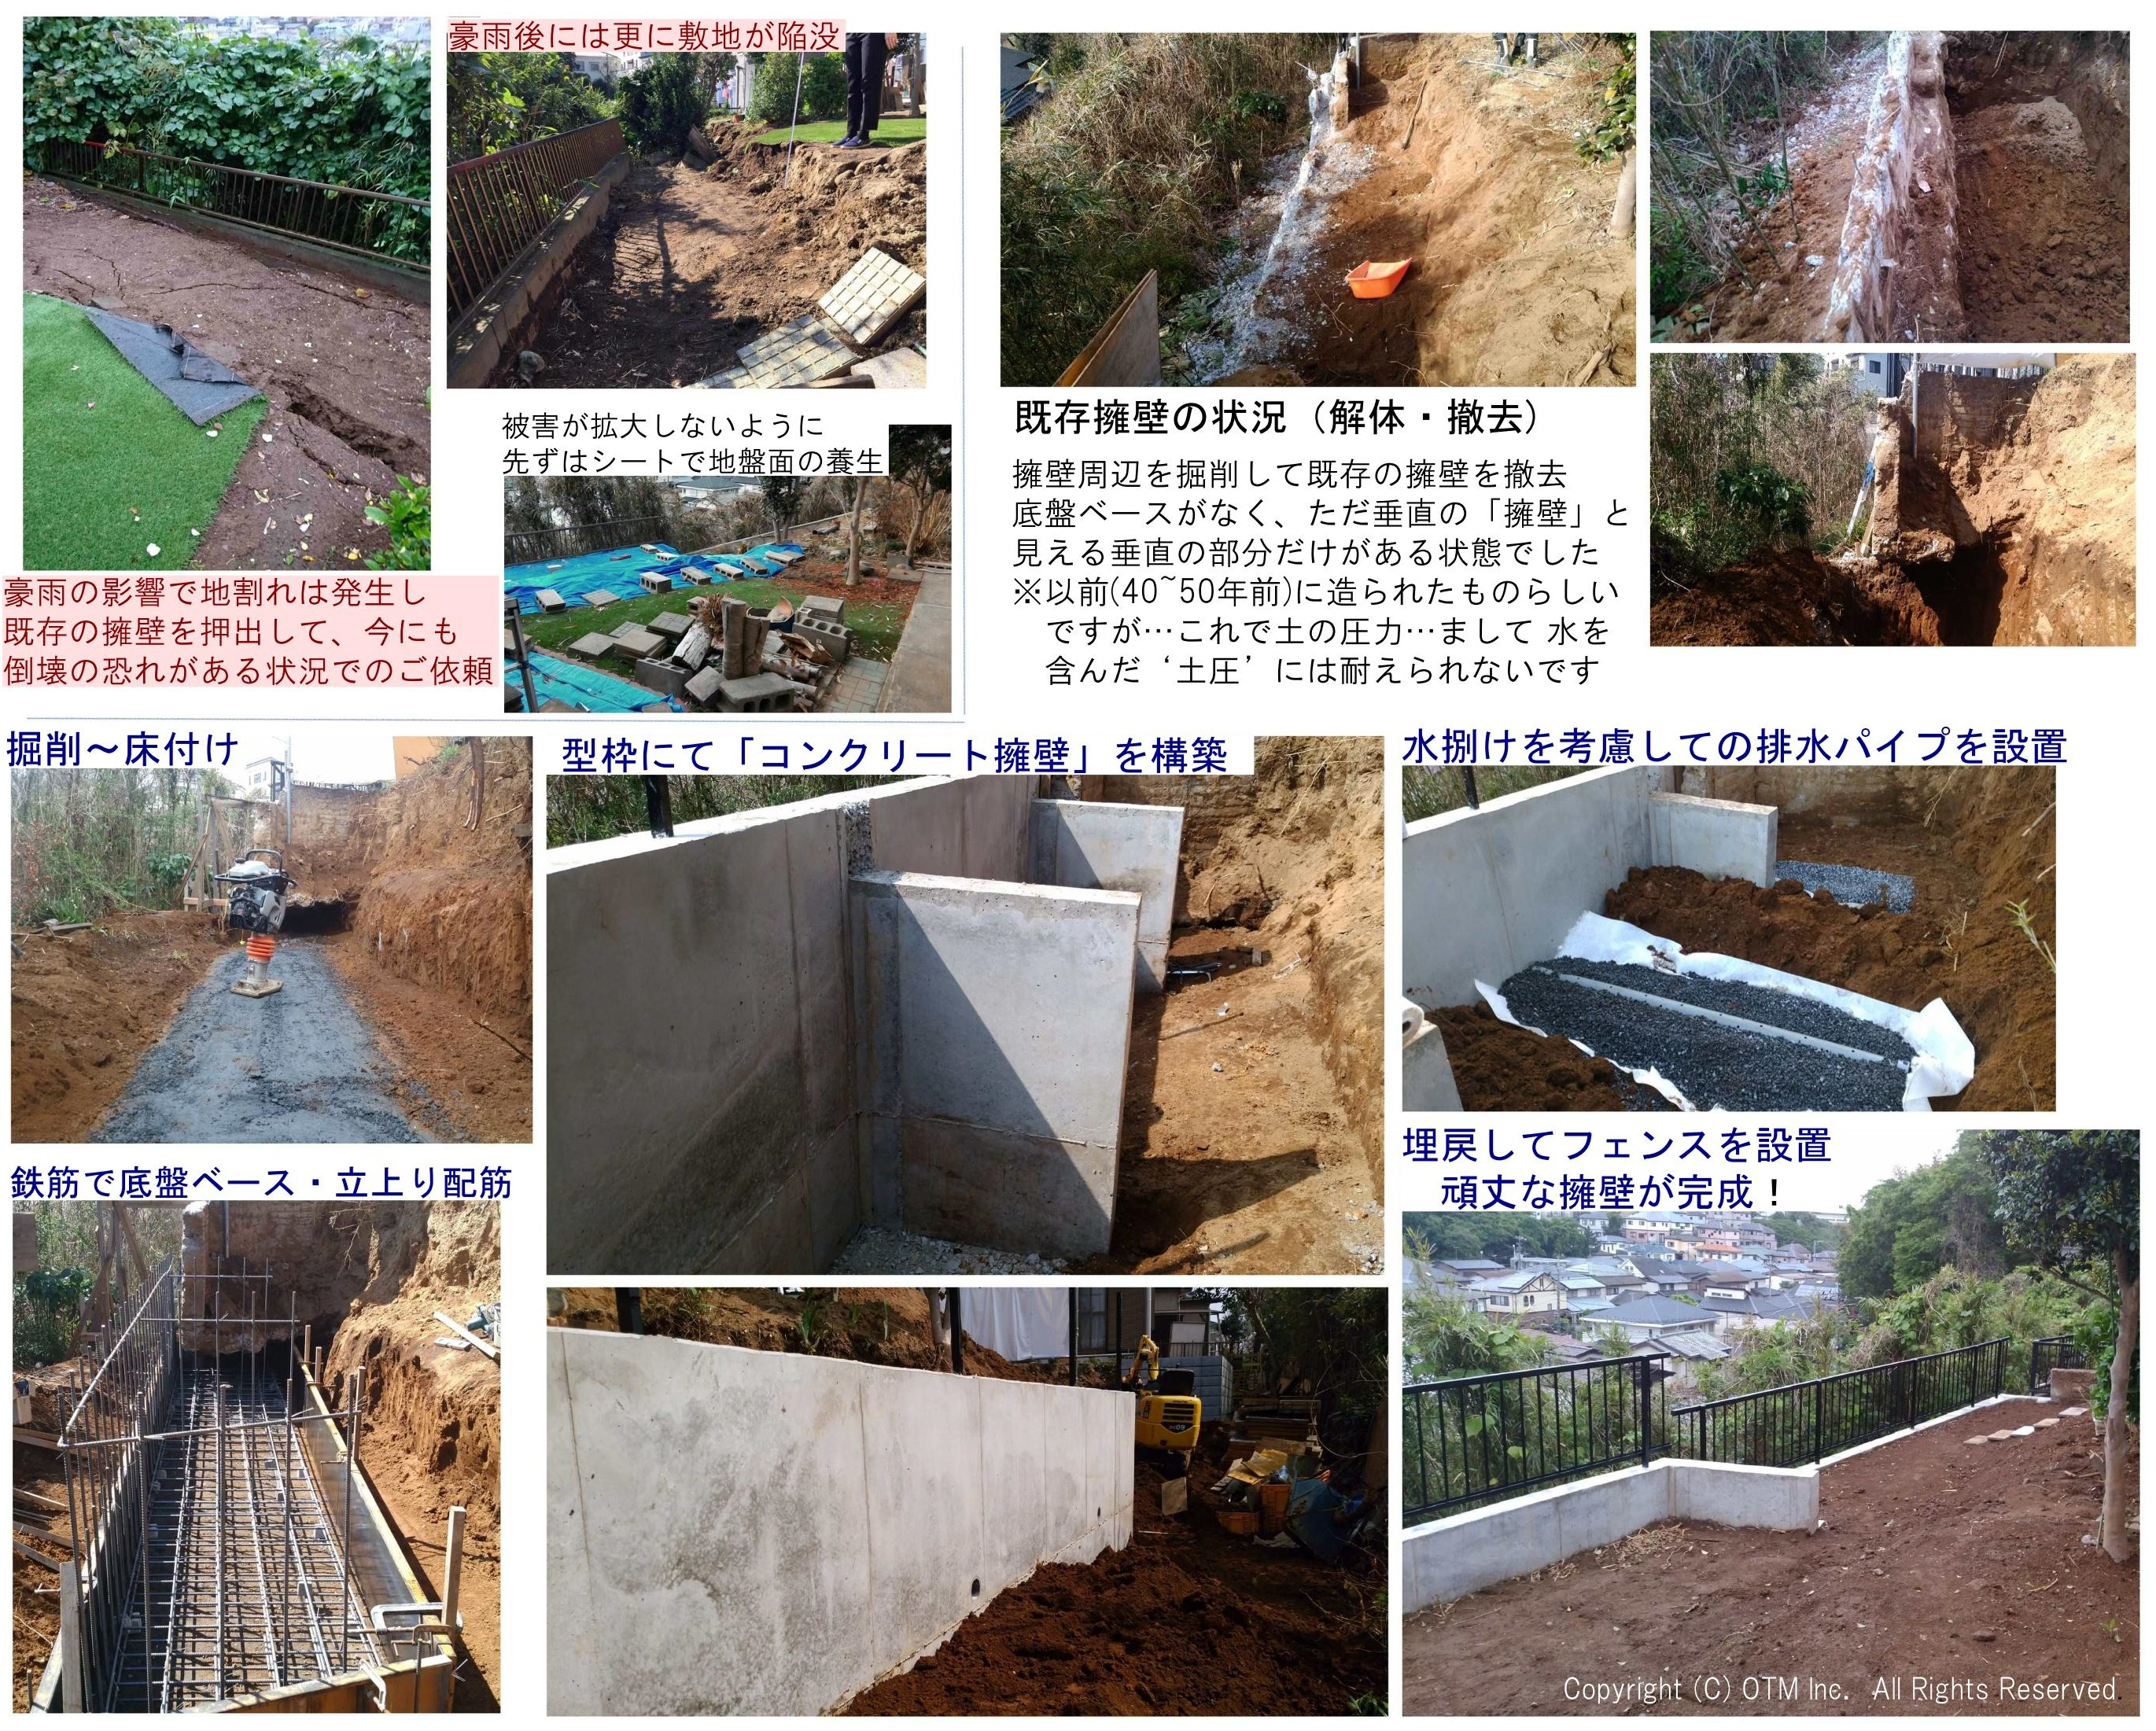 地崩れの擁壁復旧工事(コンクリート擁壁)